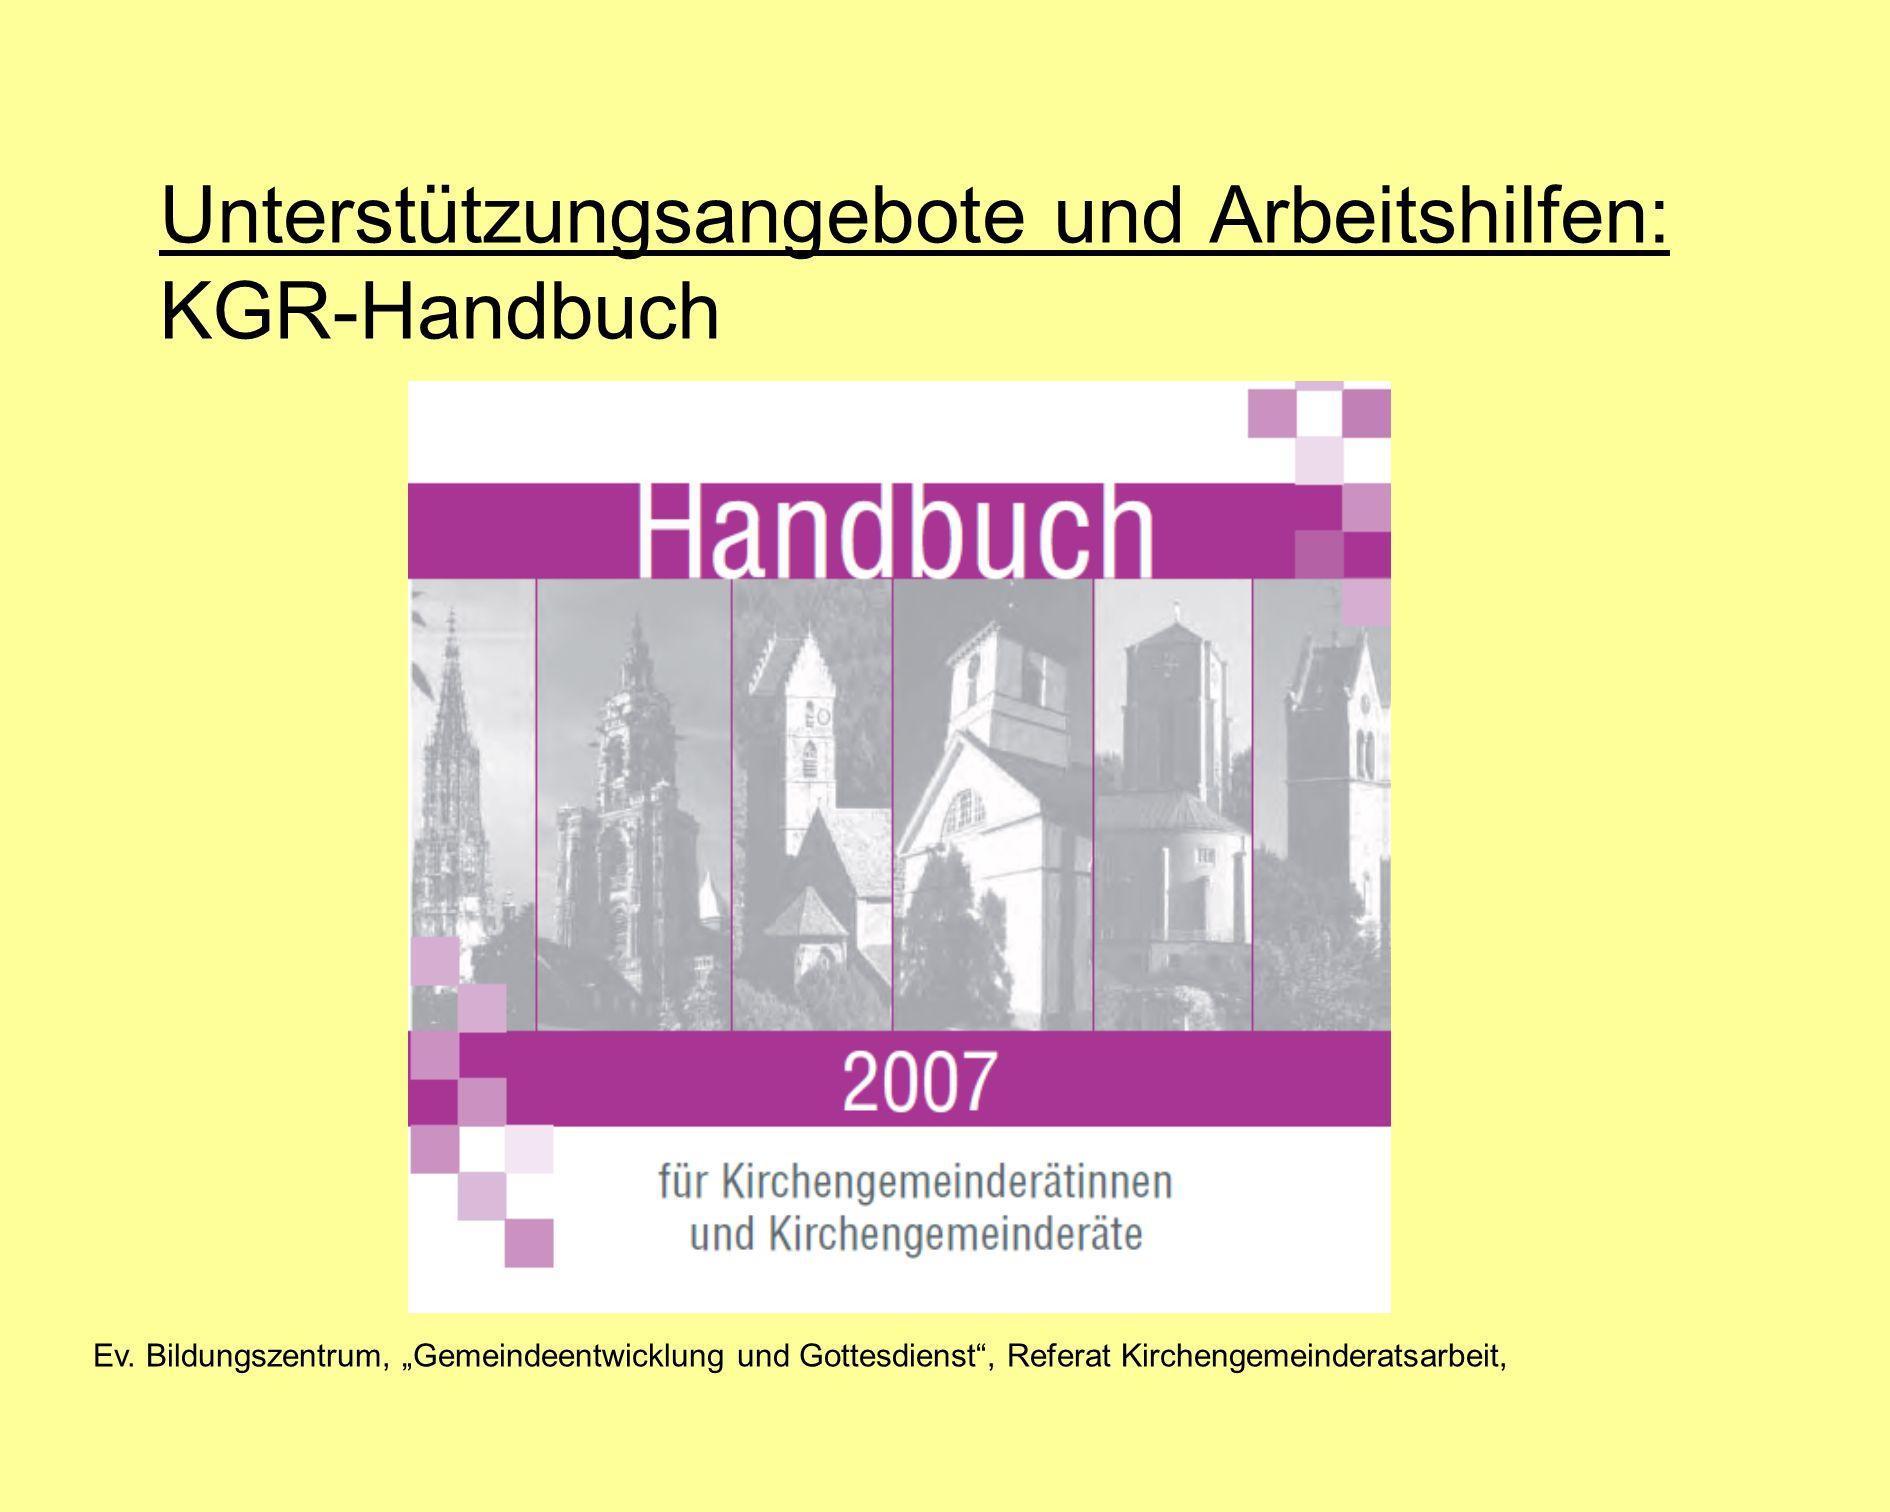 Ev. Bildungszentrum, Gemeindeentwicklung und Gottesdienst, Referat Kirchengemeinderatsarbeit, Unterstützungsangebote und Arbeitshilfen: KGR-Handbuch